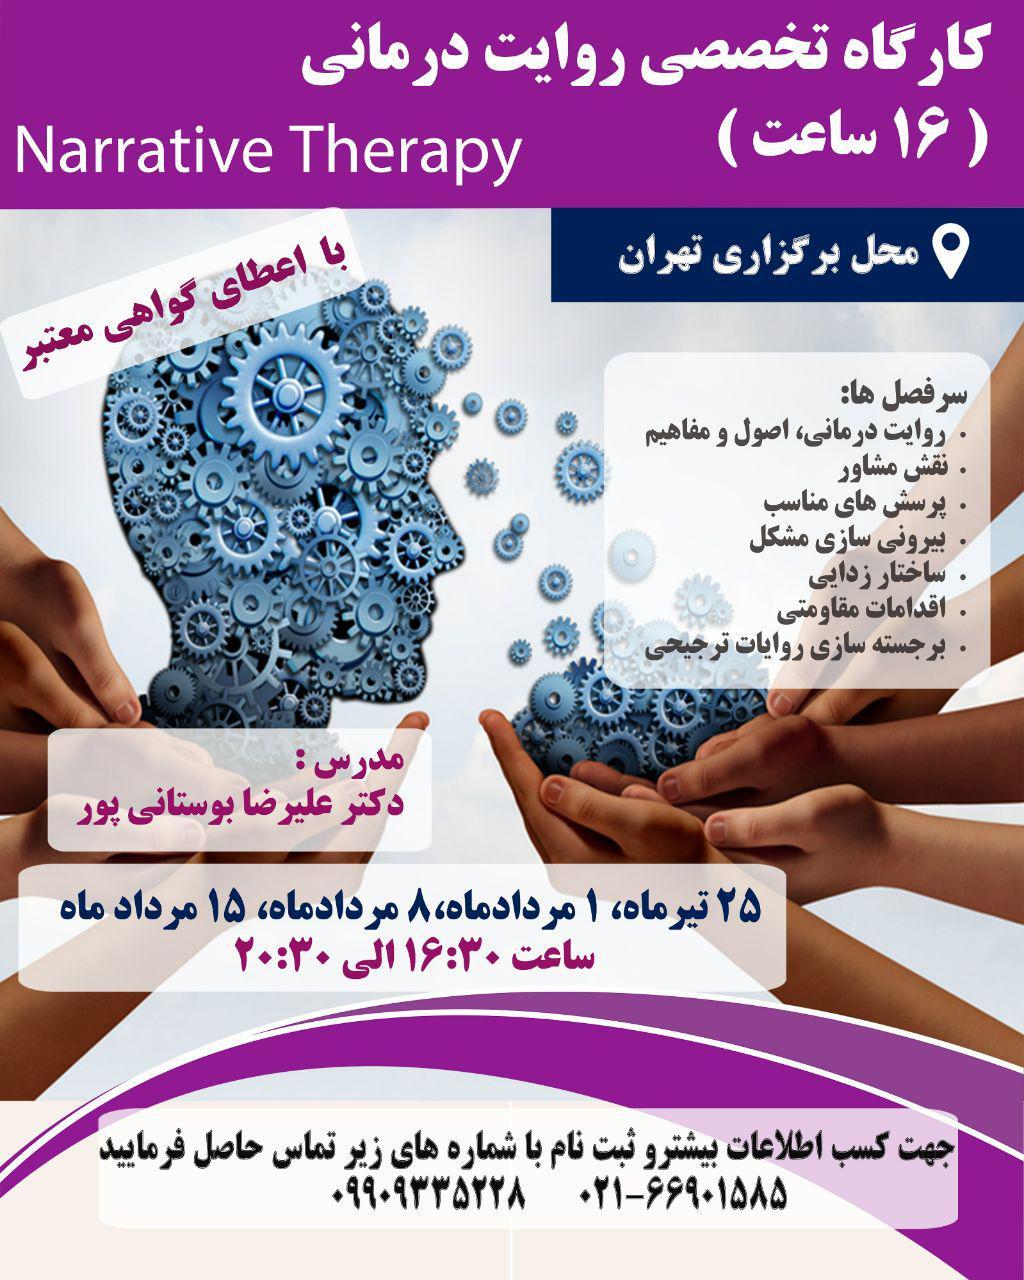 کارگاه روایت درمانی در تهران